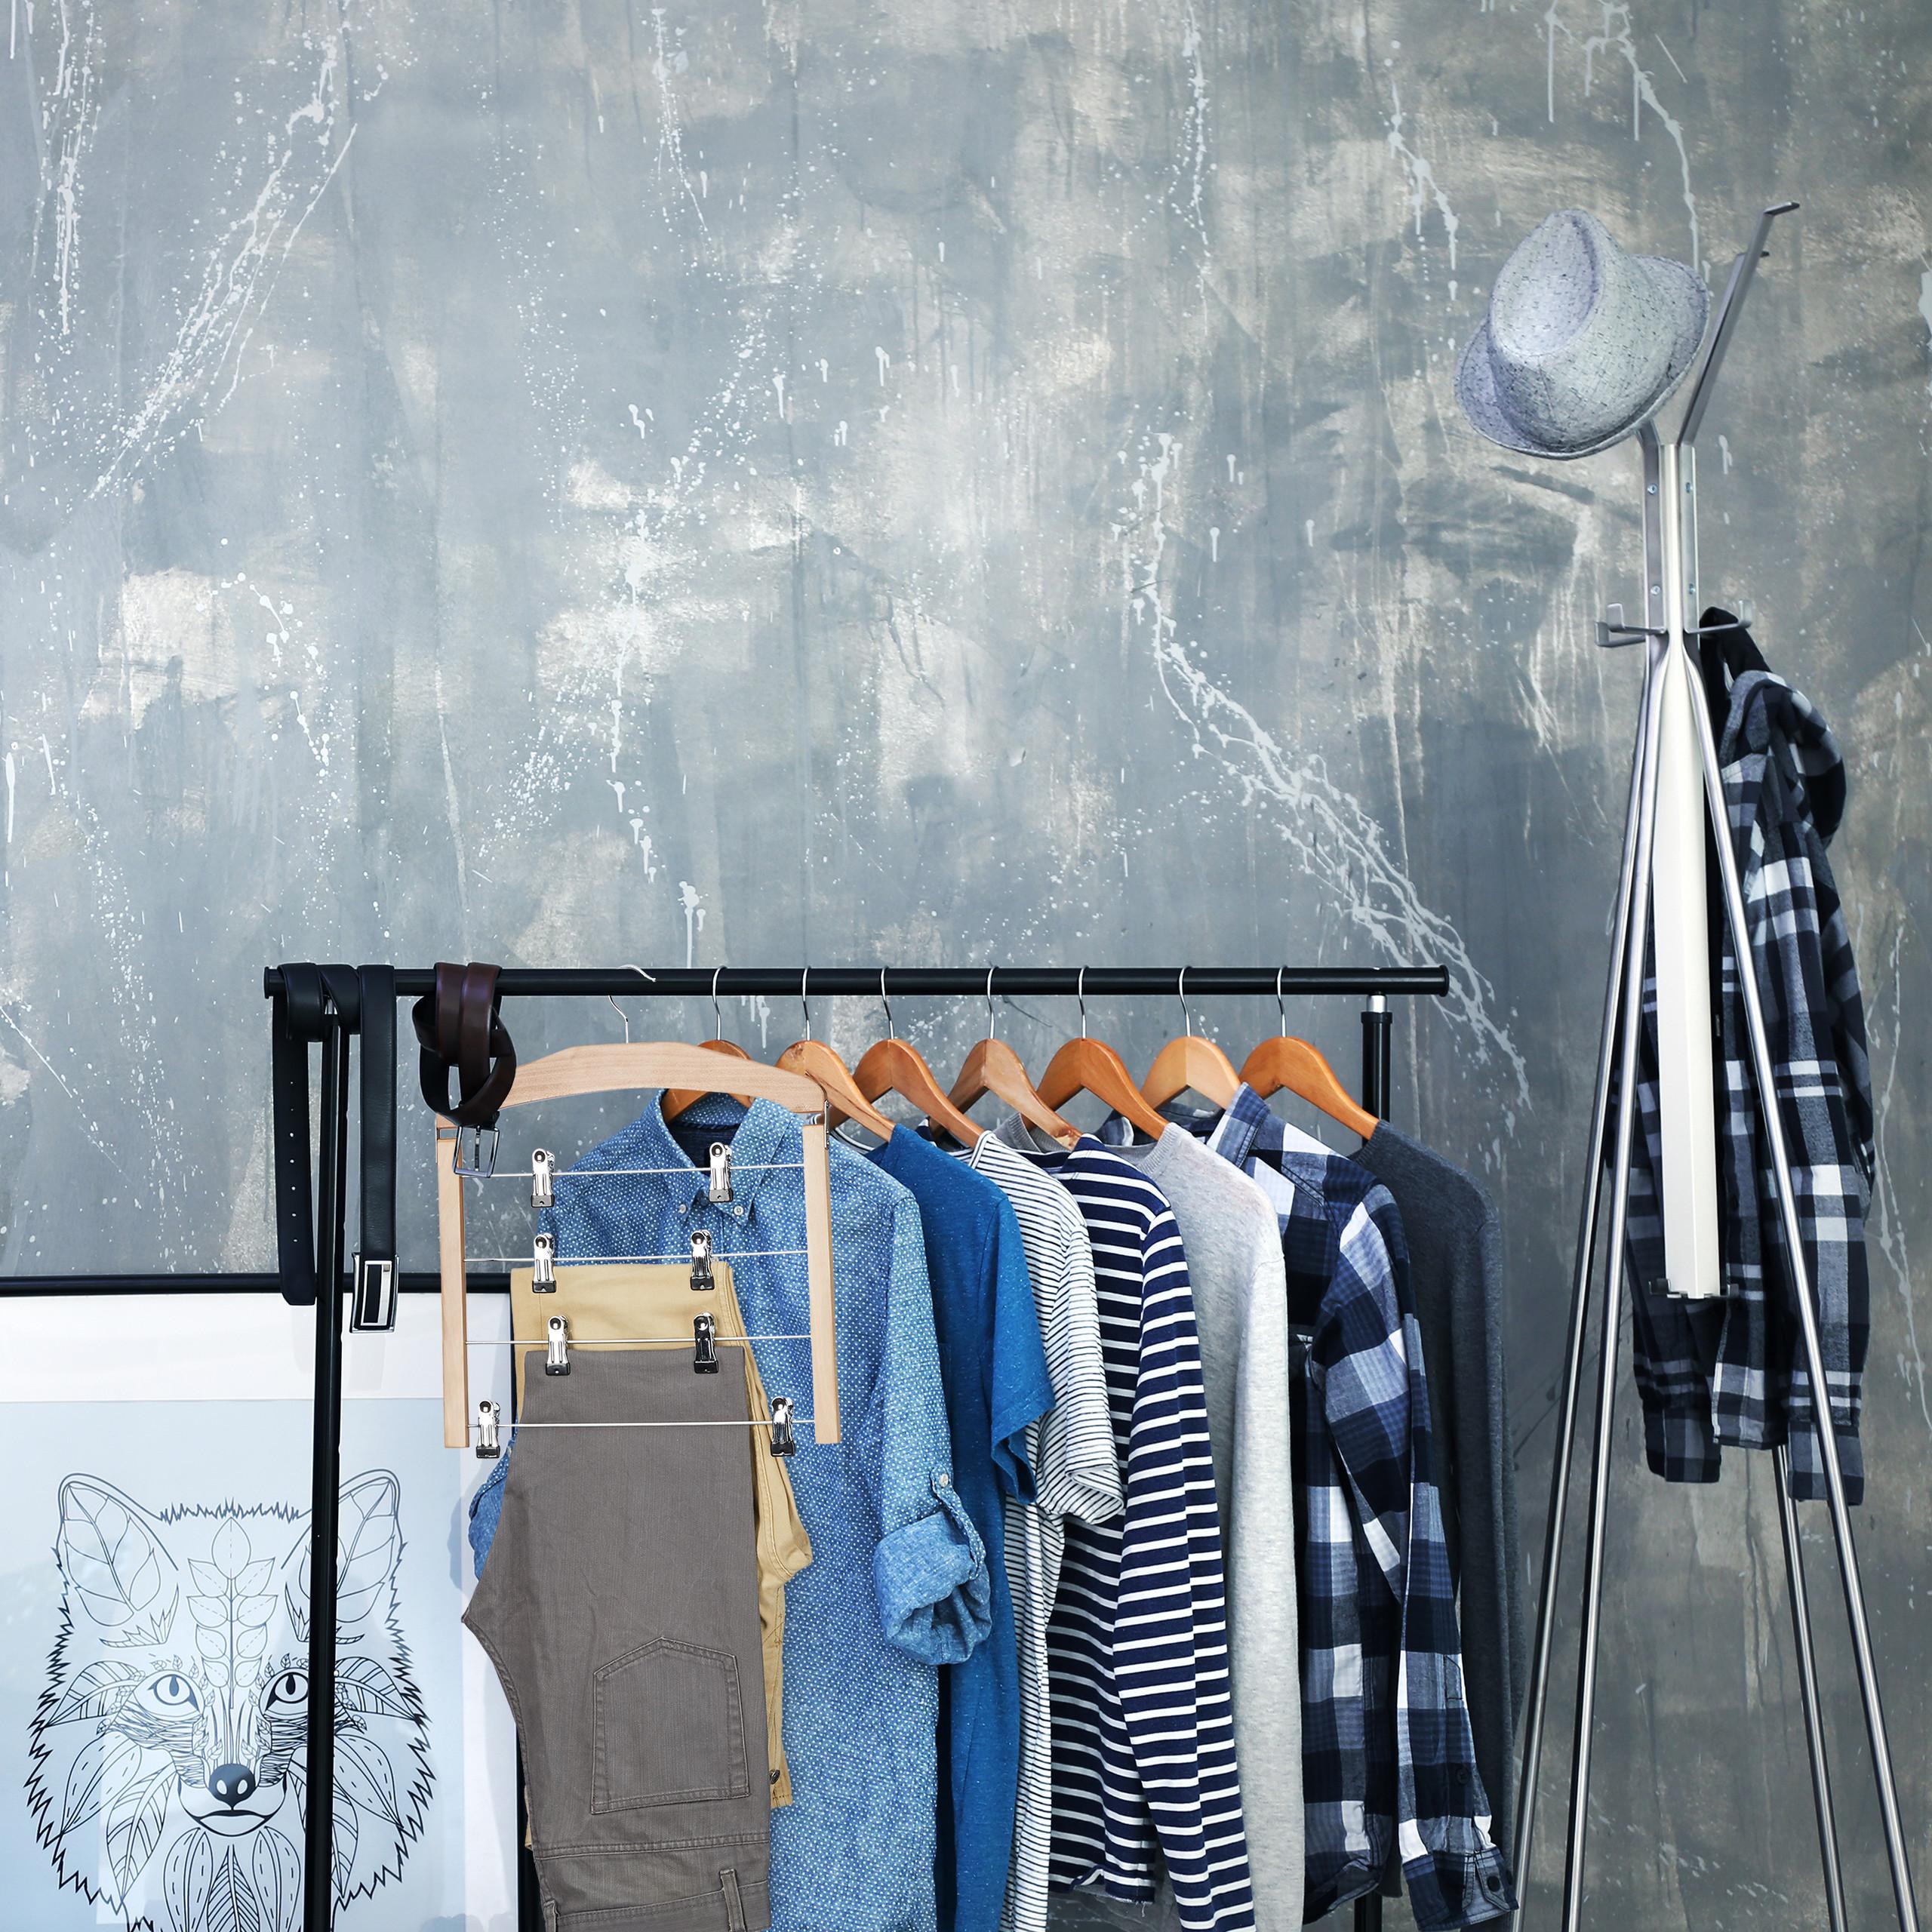 5 x Rockbügel mehrfach Clipbügel Kleiderbügel Klammern Mehrfachbügel Hosen